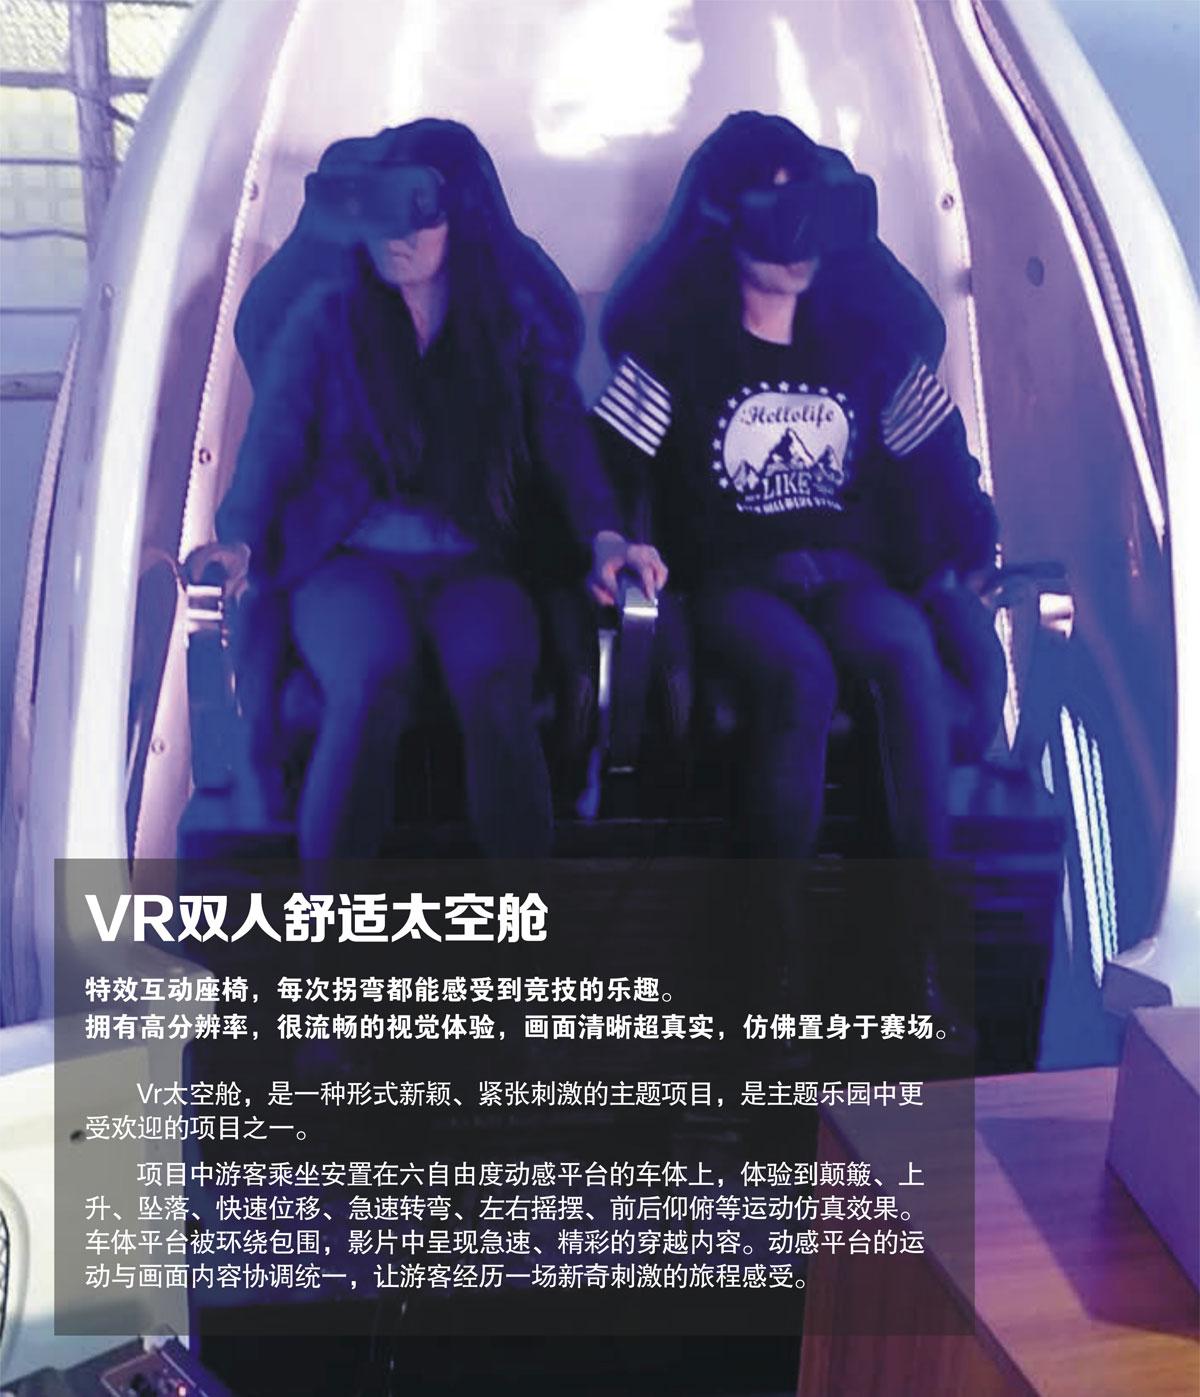 安全体验VR双人舒适太空舱.jpg